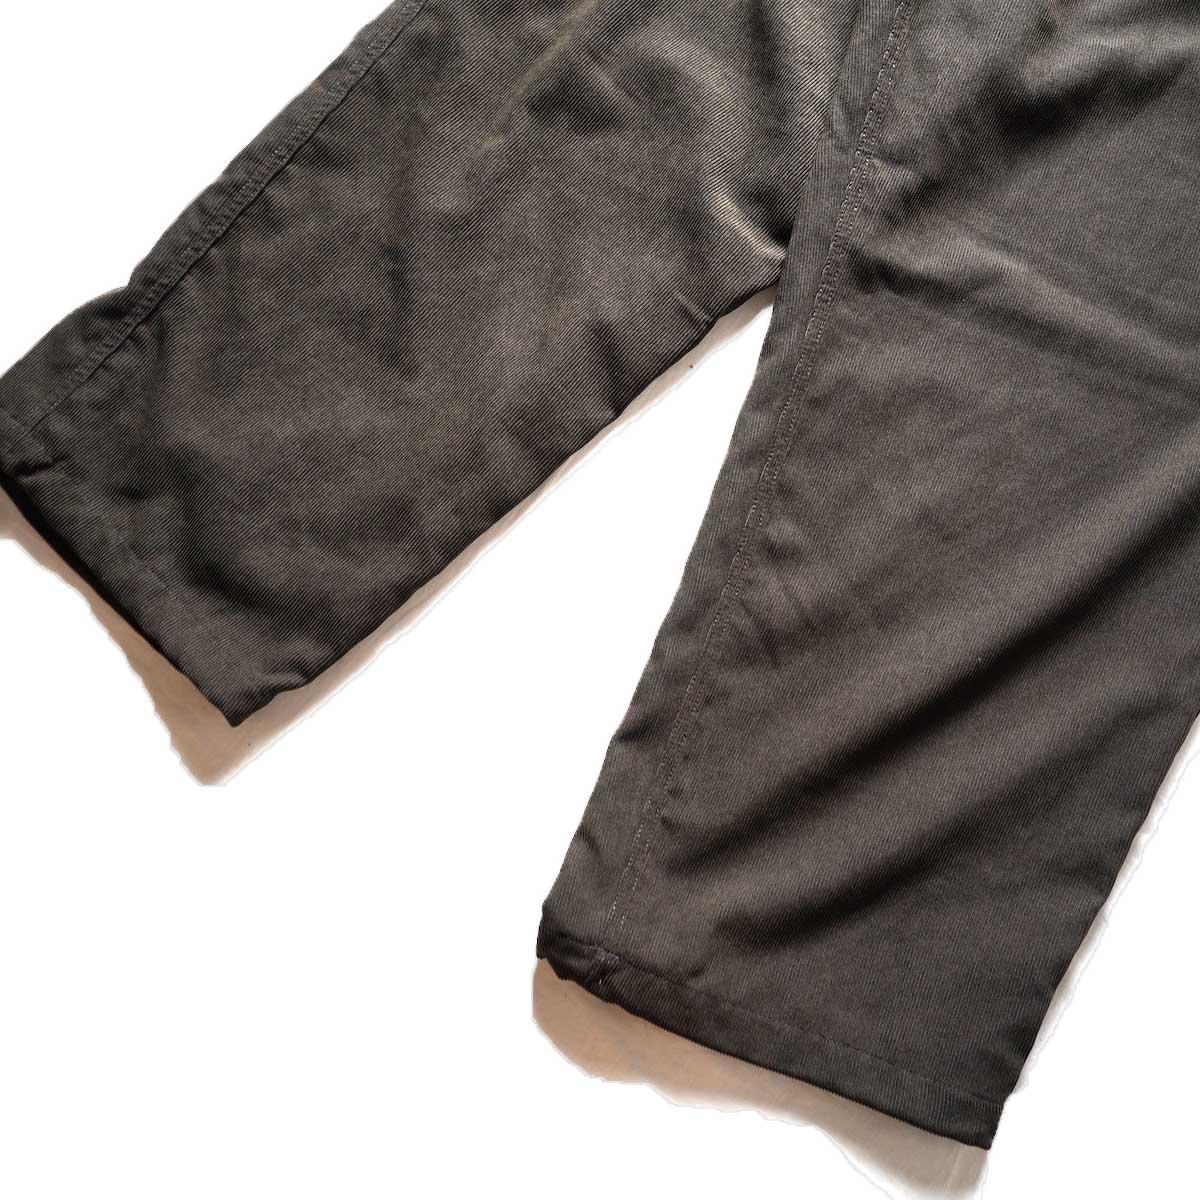 DAIWA PIER39 / TECH CORDUROY EASY TROUSERS (Brown)裾